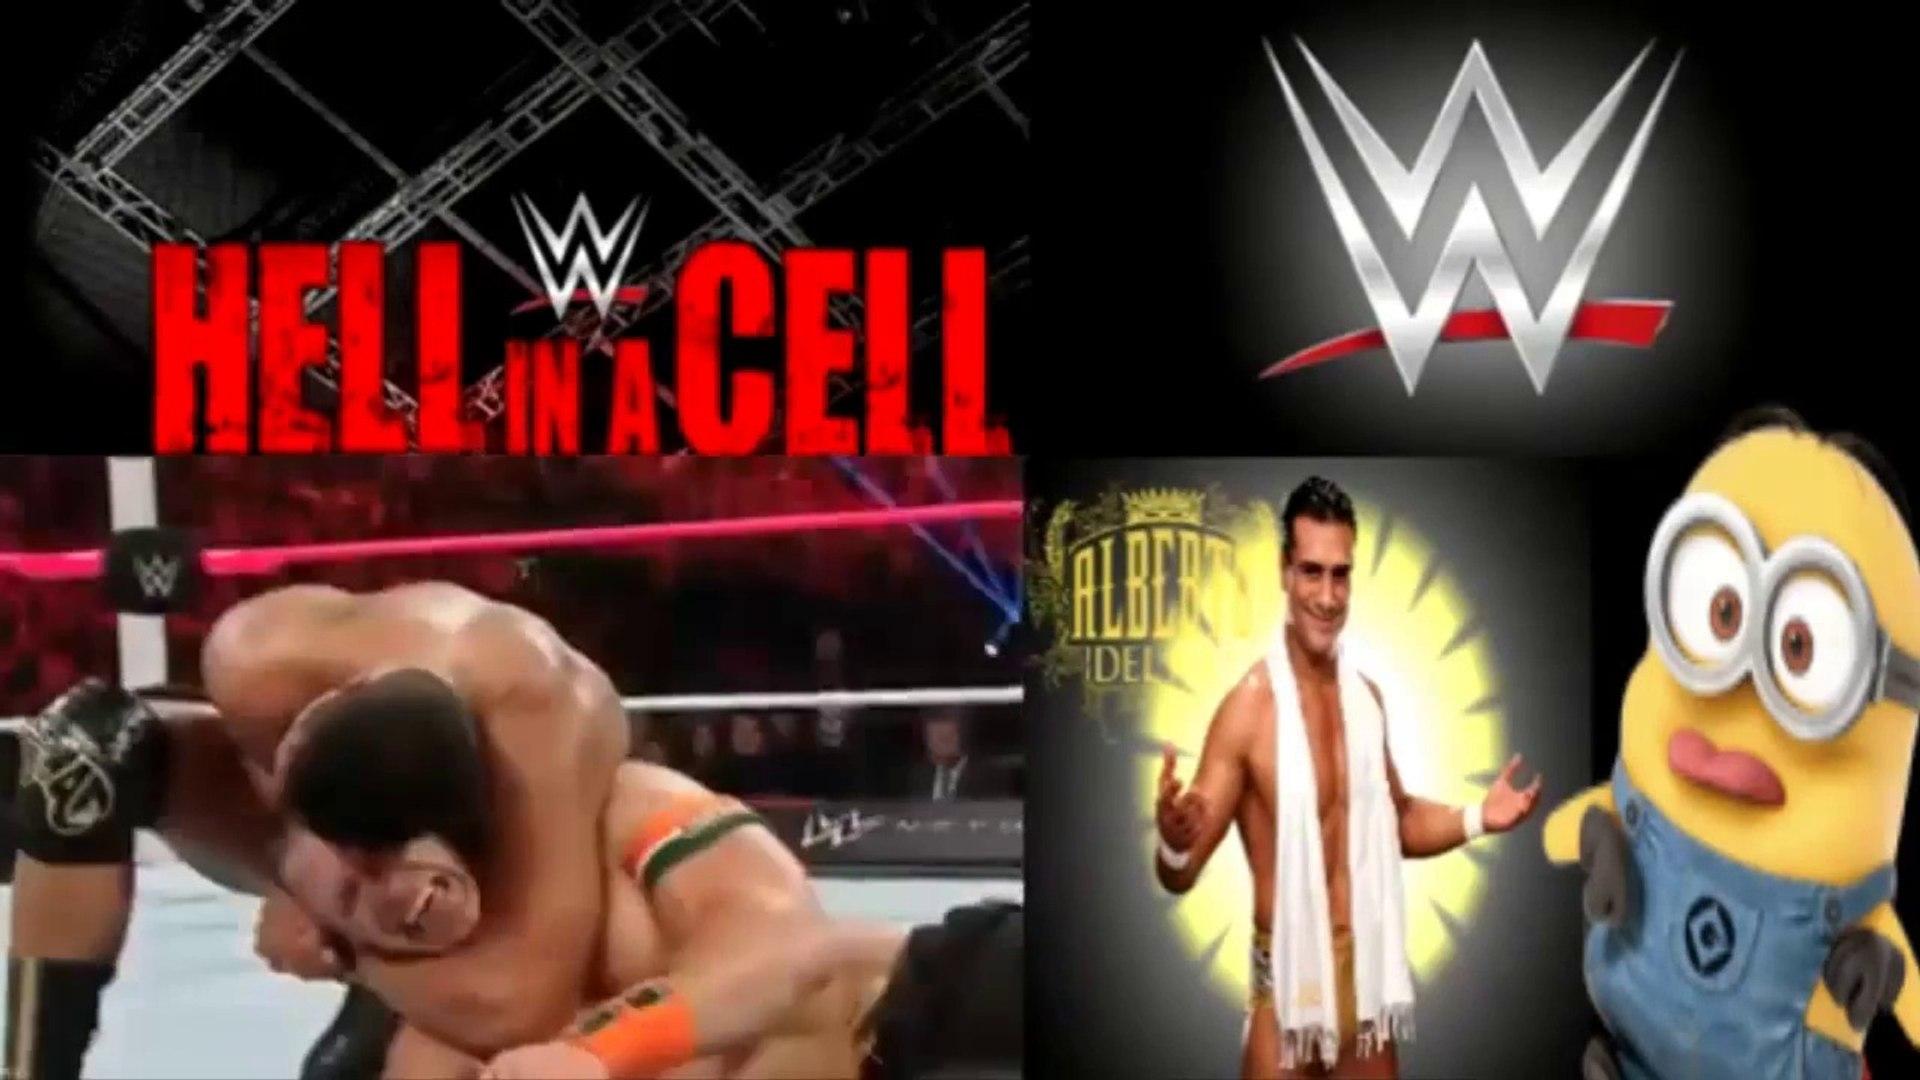 John Cena Vs Alberto Del Rio Hell In A Cell 2015 Full Match